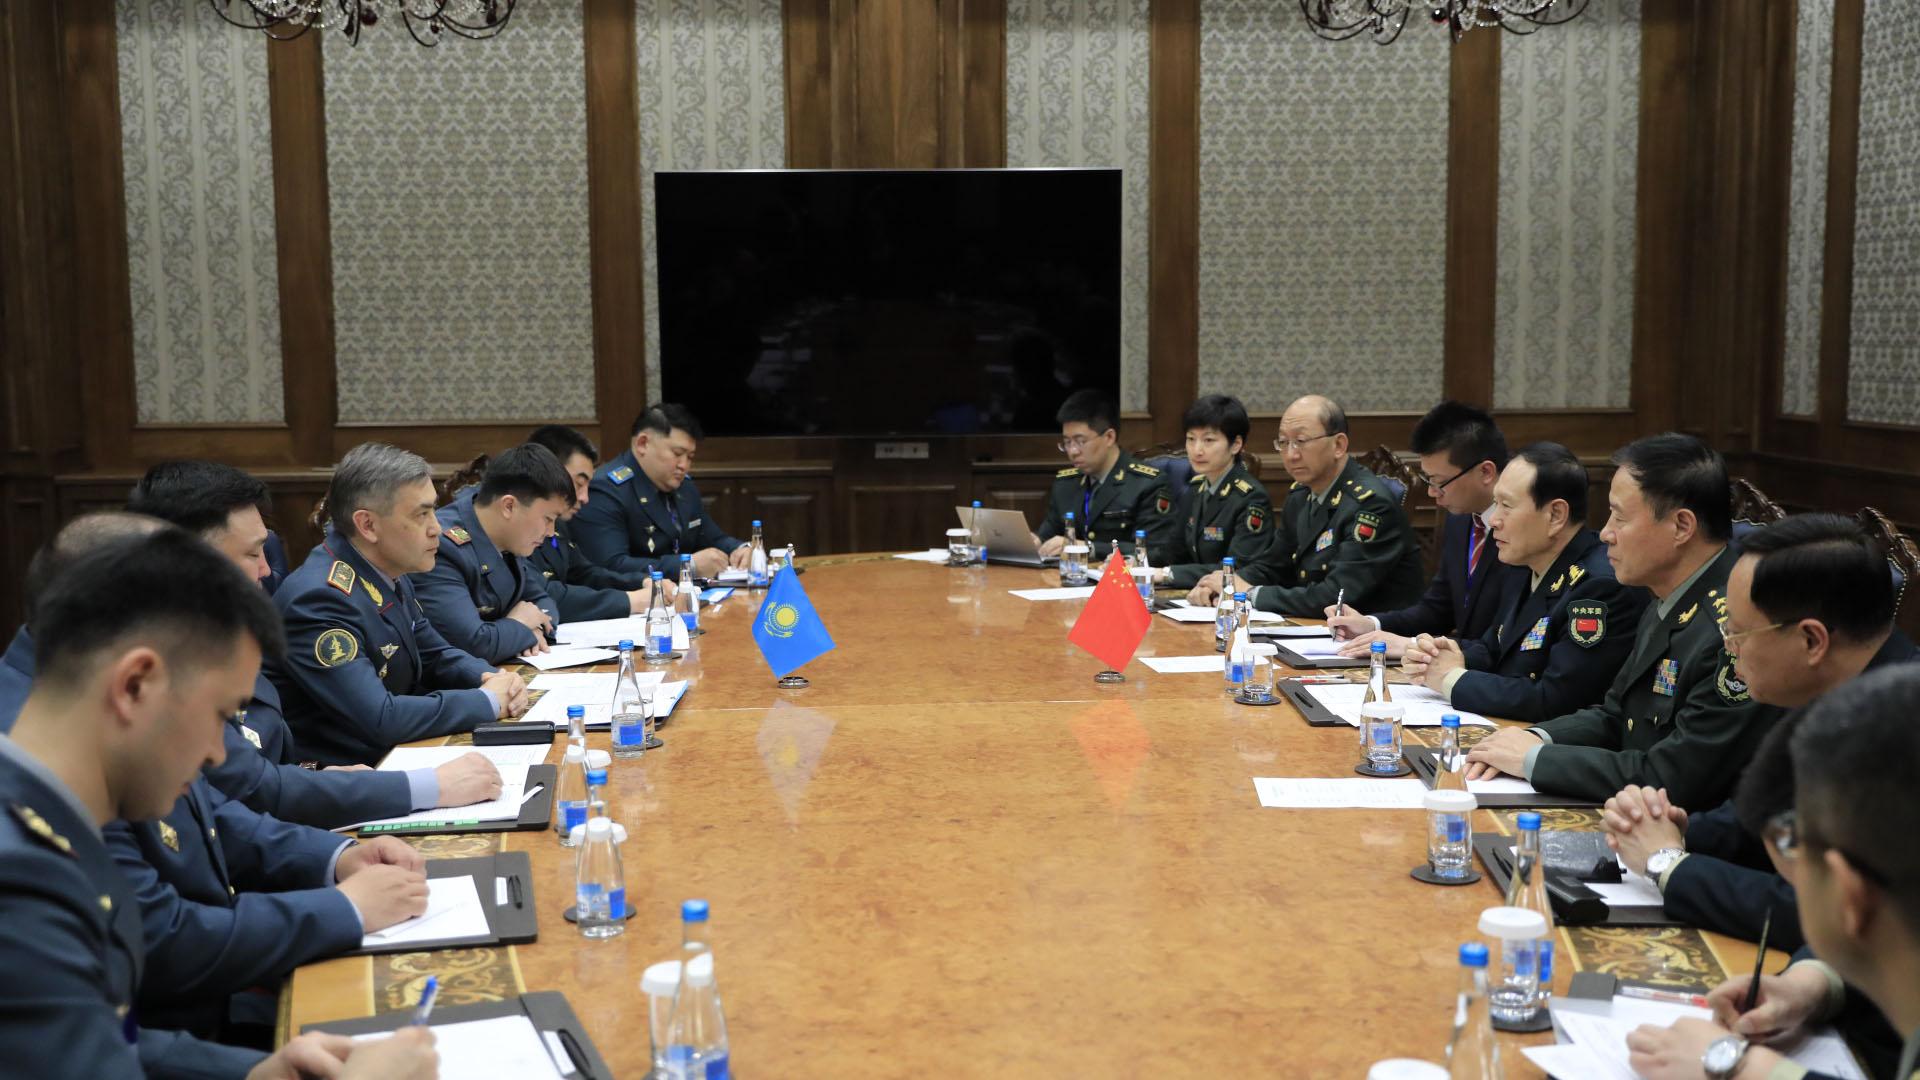 国防部长叶尔梅克巴耶夫会见中国防长魏凤和